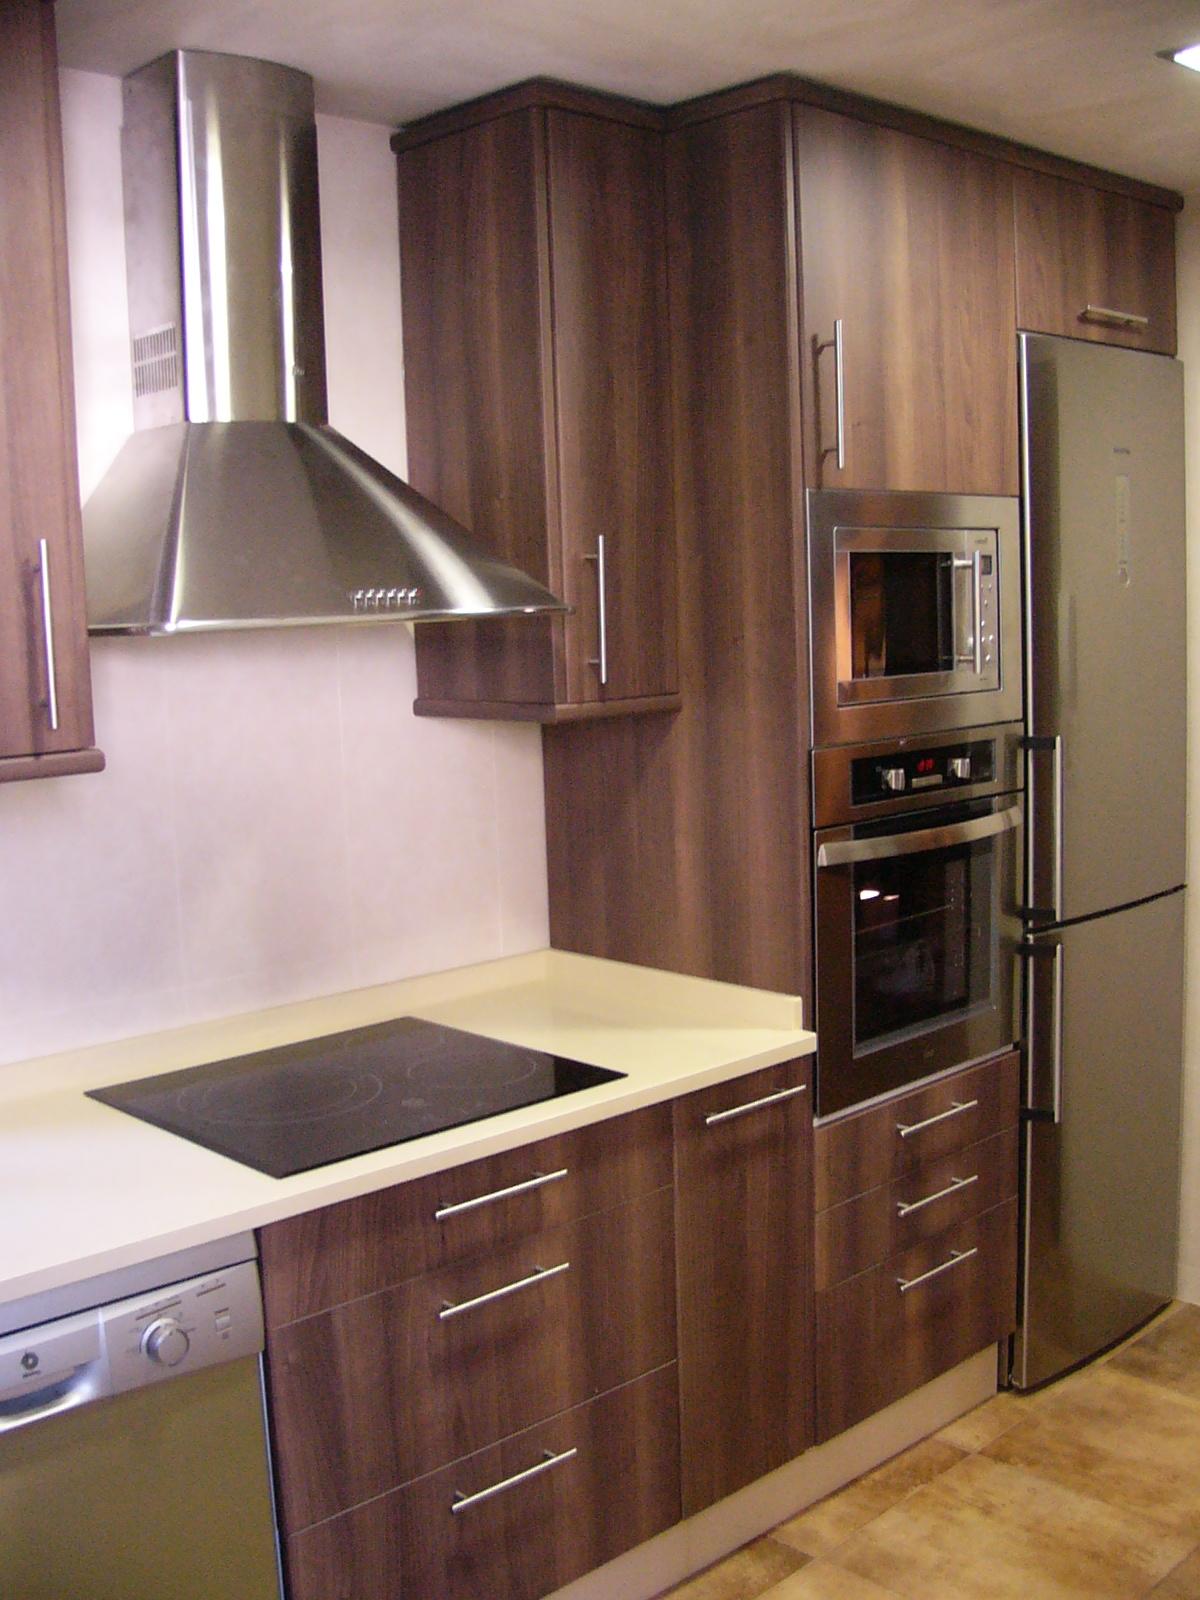 Sfc muebles sostenibles y creativos cocinas - Muebles color nogal ...